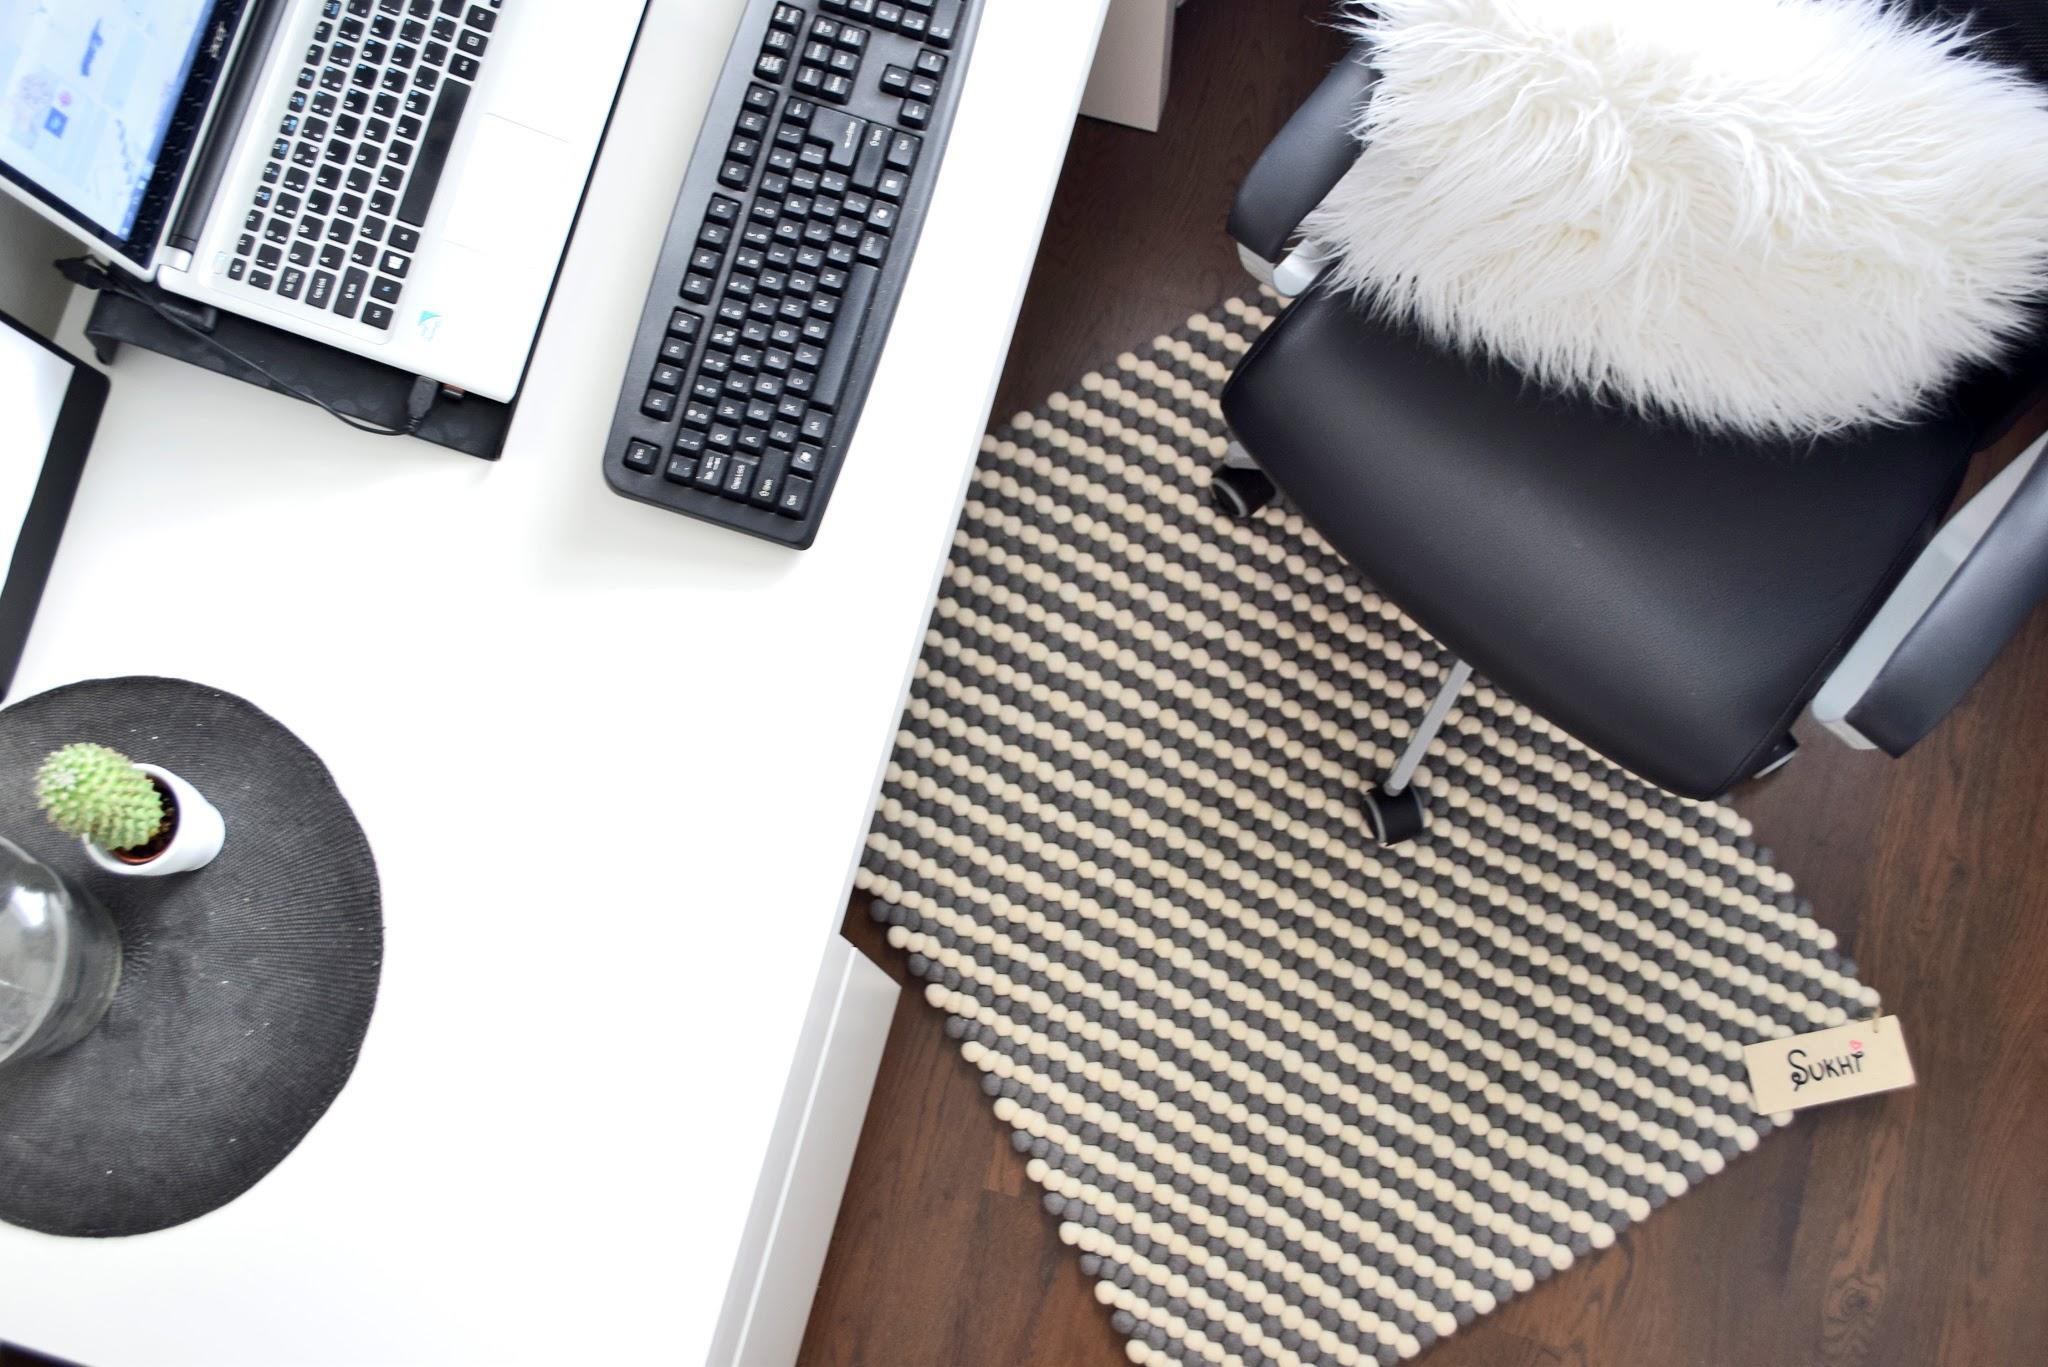 biurka do pracy w domu